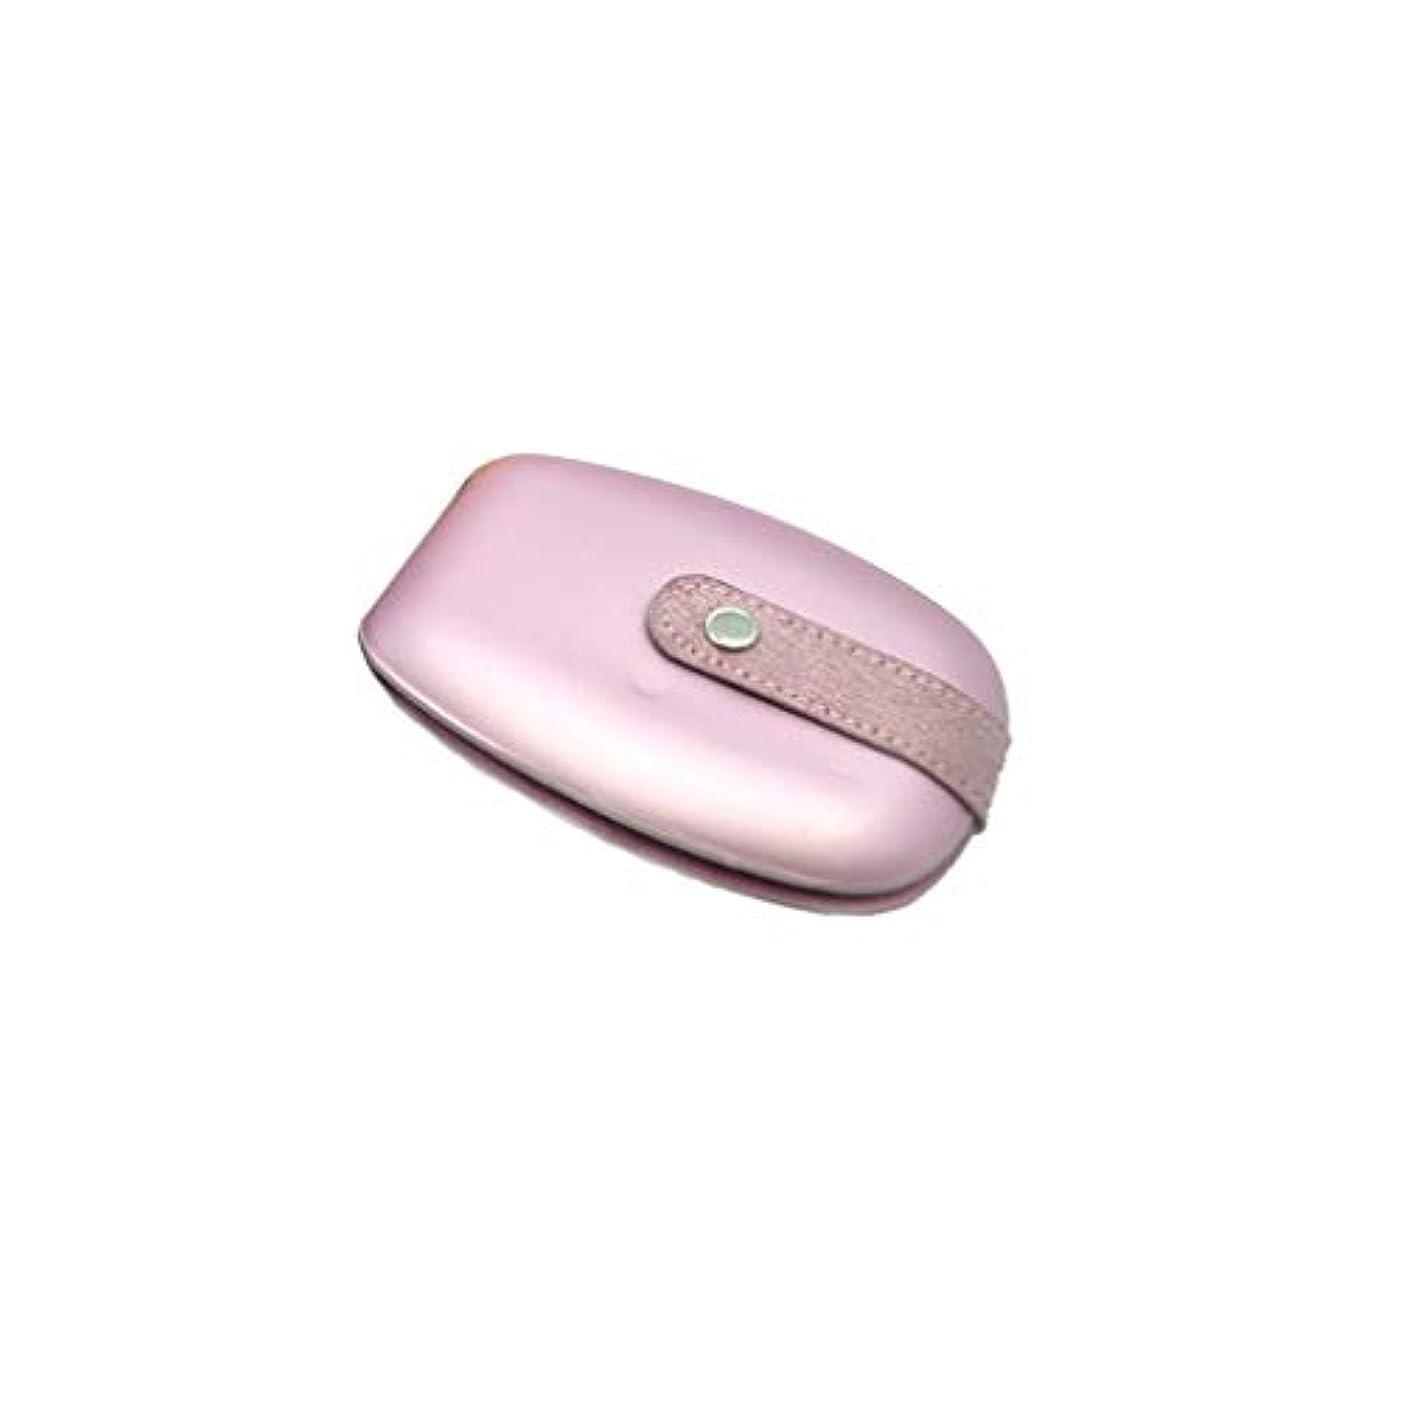 高める学校ごちそう爪切り ペディキュアマニキュアセットネイルケアはさみ旅行セットネイルツール ネイル (Color : C)